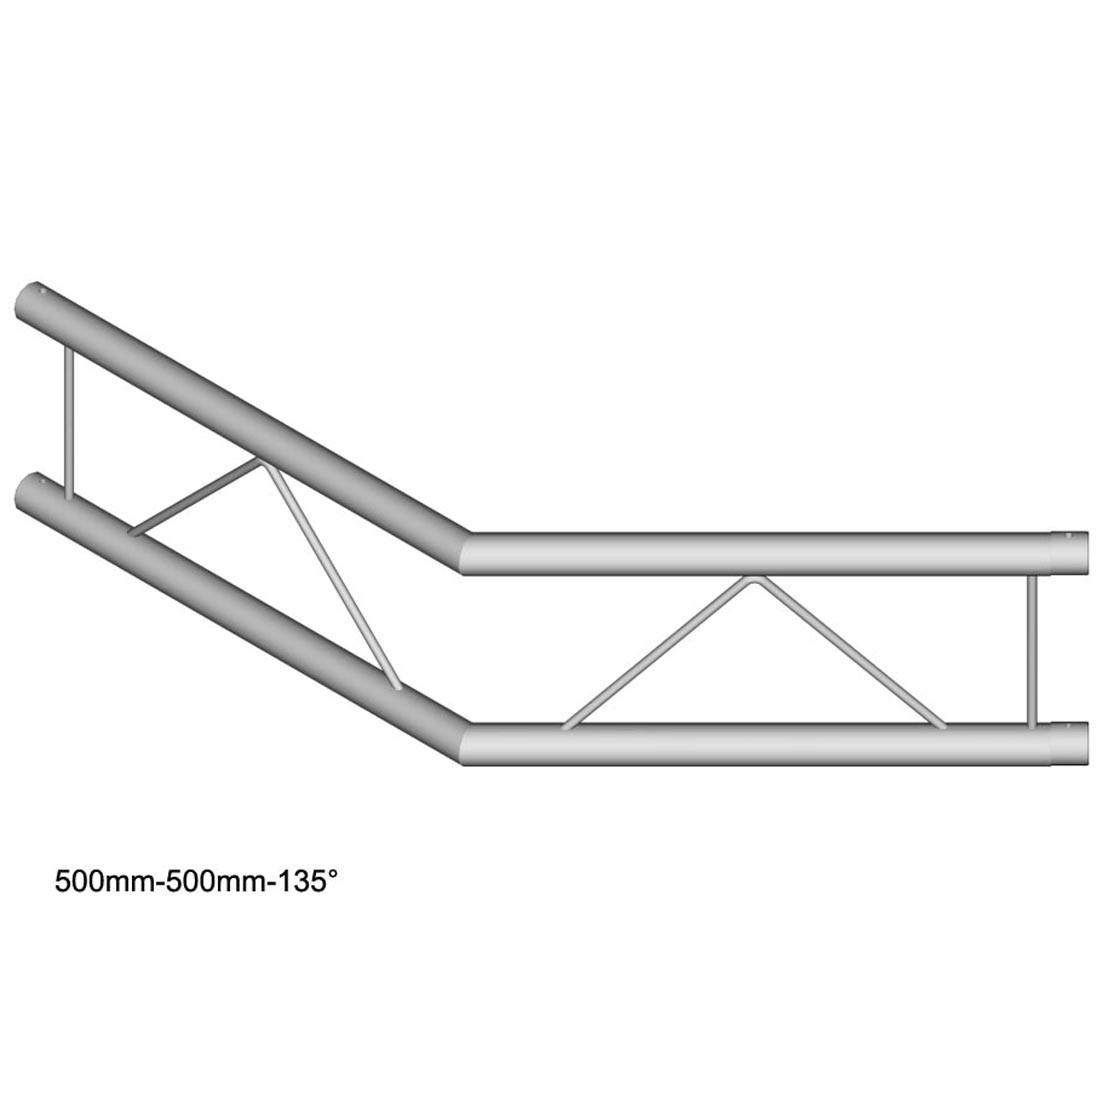 DT 22-C23V-L135 - DT 22 - Ladder Truss - Products